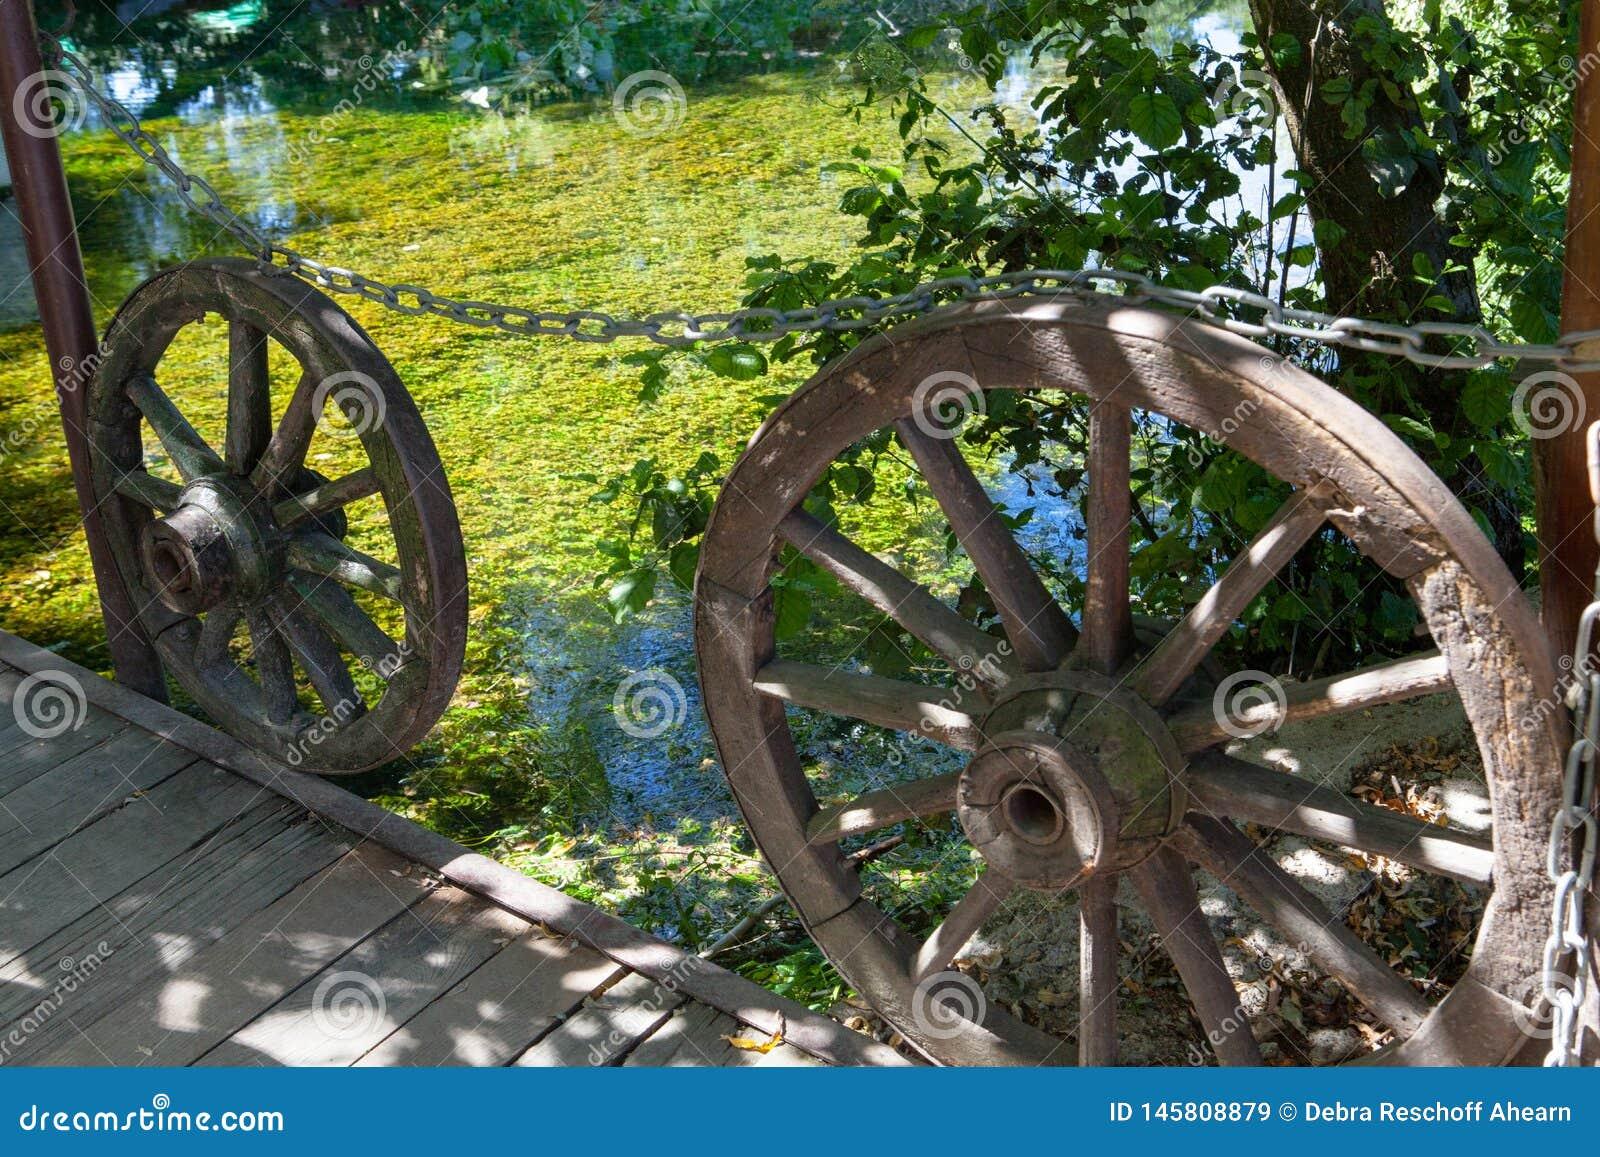 在湖旁边的老木马车车轮